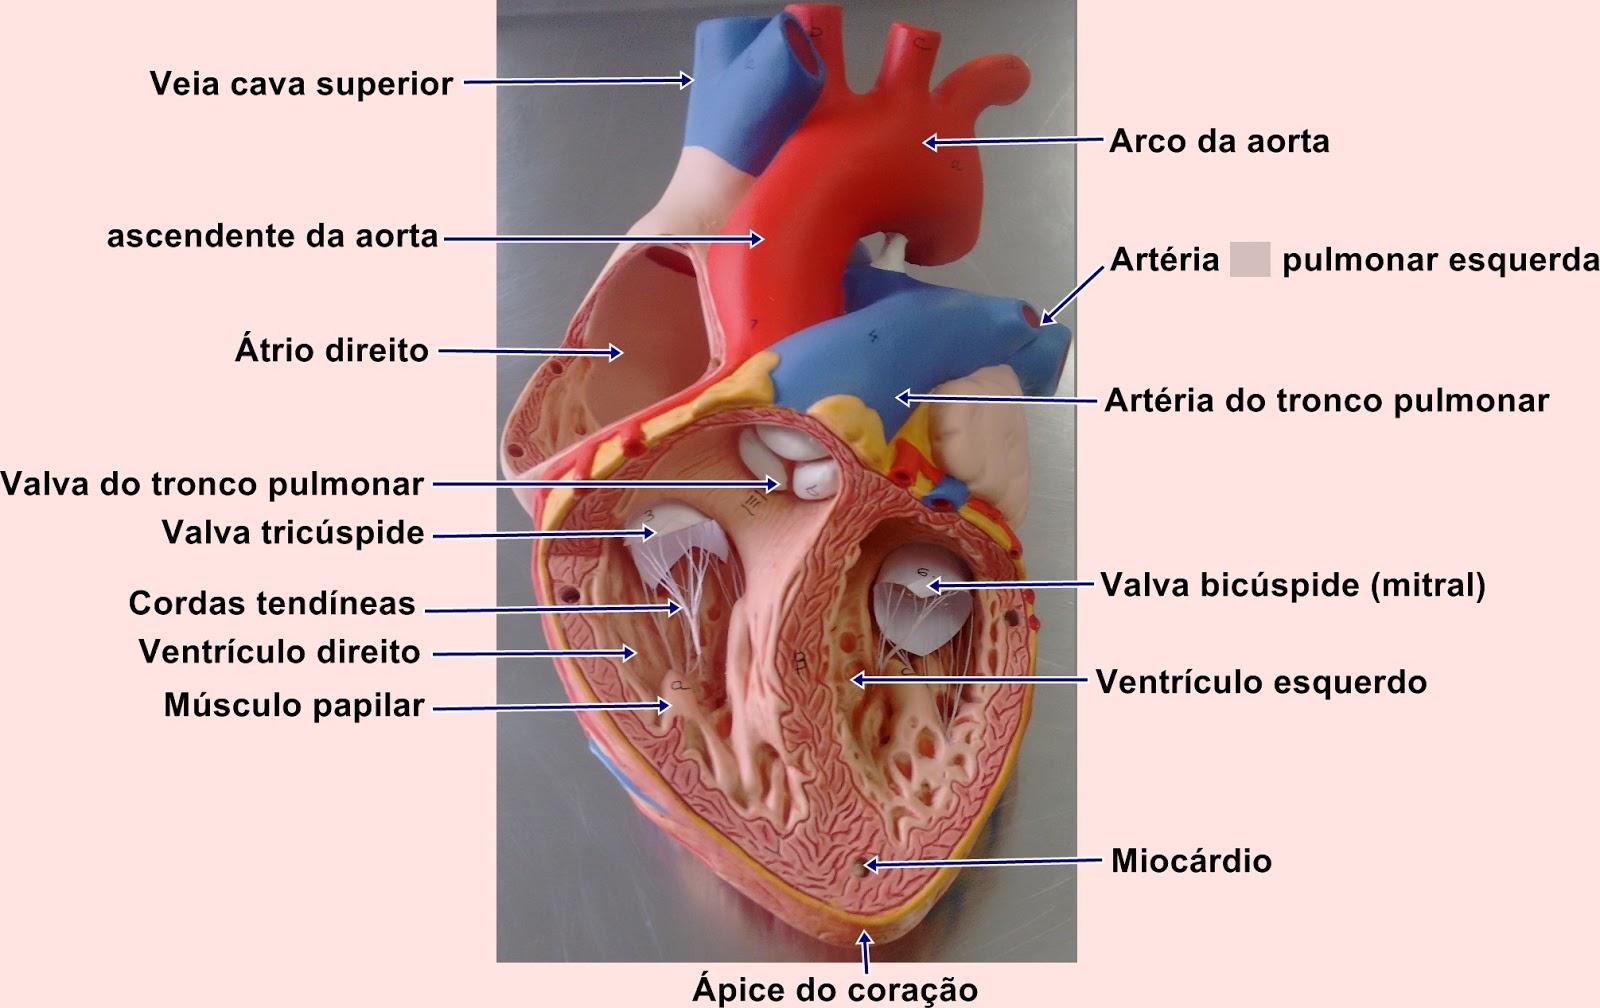 Moderno Anatomía Sistema Vascular Composición - Imágenes de Anatomía ...